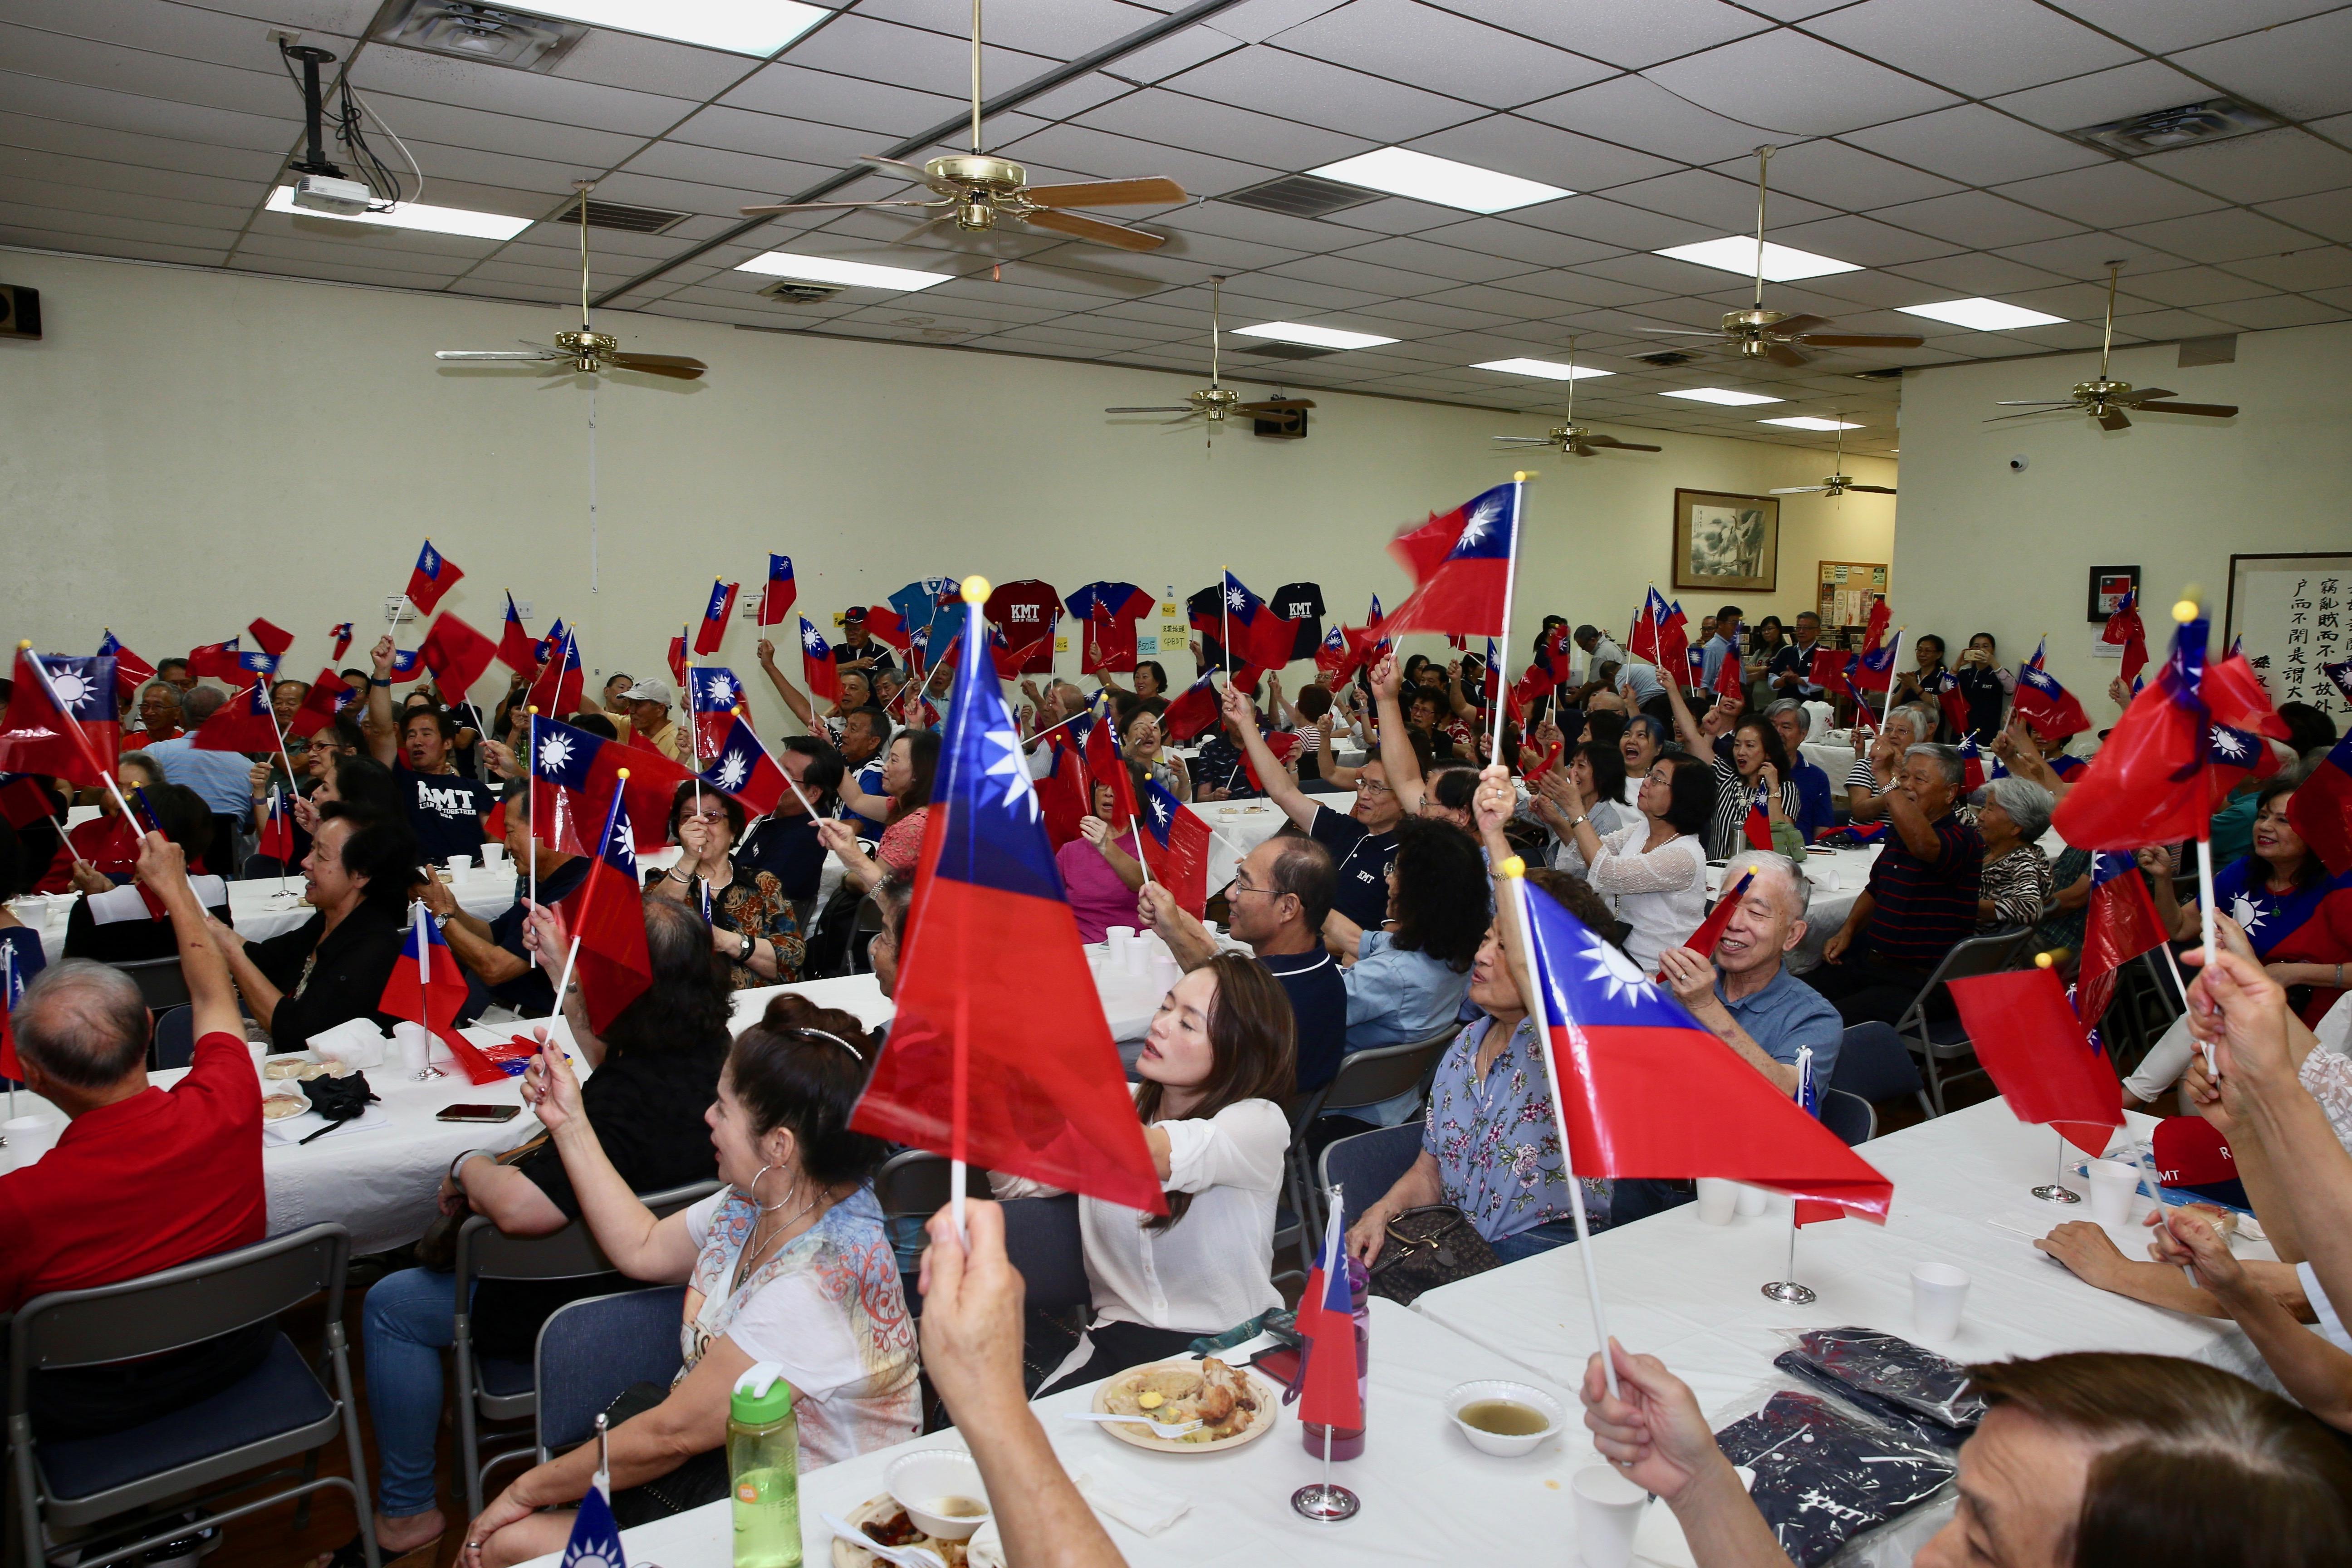 達拉斯韓國瑜後援會,在華人活動中心成立。(孟敏寬提供)